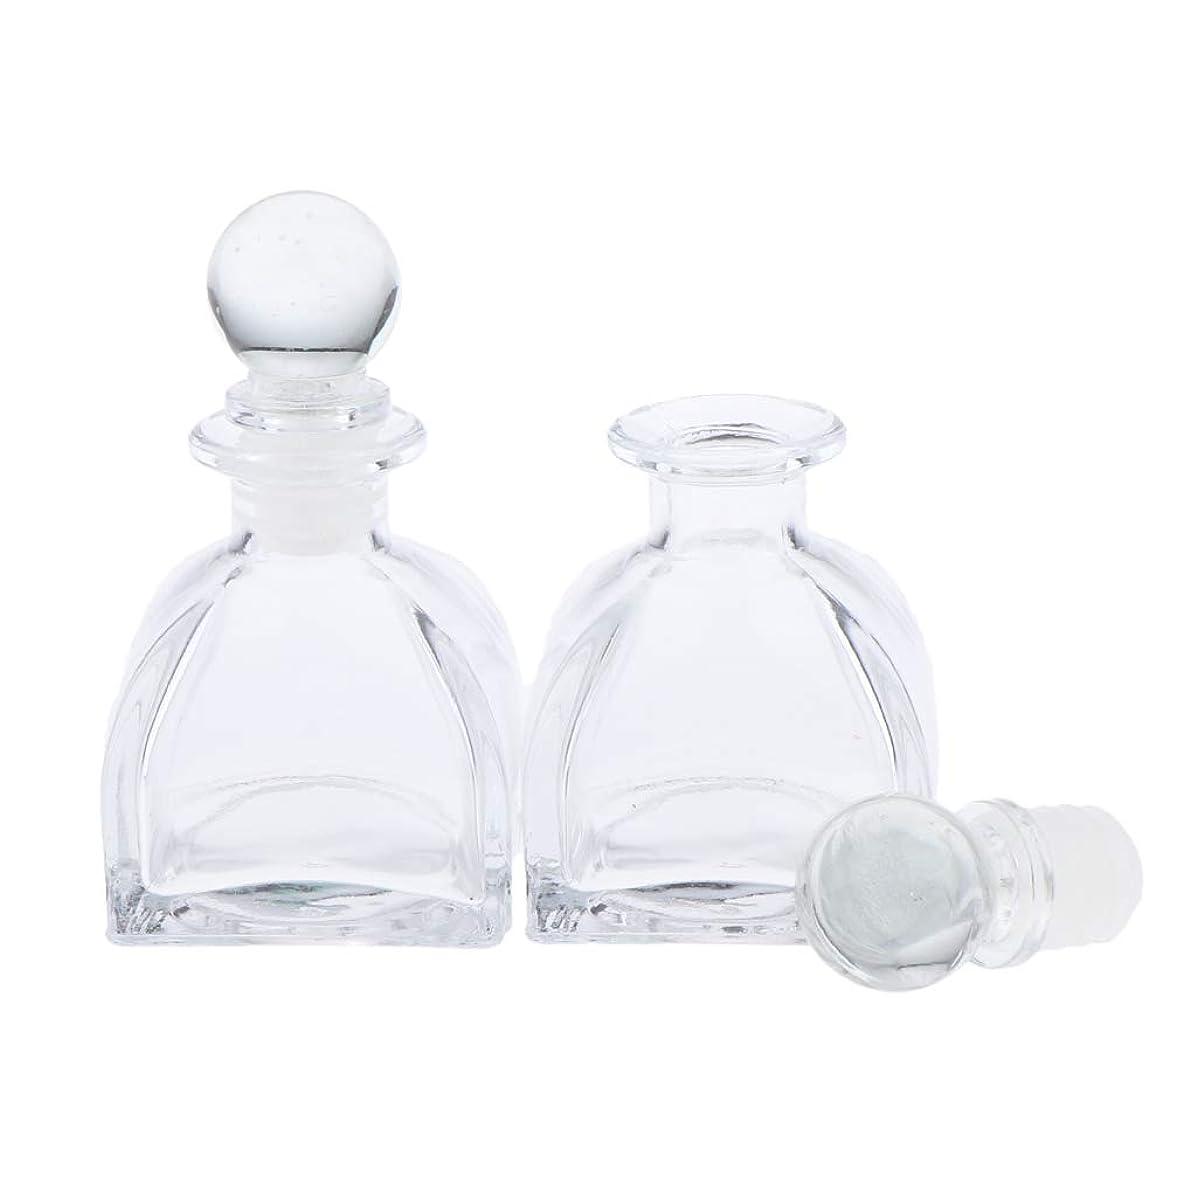 チャンスベテラン雄大なP Prettyia 2個 香水ディフューザーボトル DIY リードエッセンシャルオイル ガラスディフューザー瓶 3サイズ選べ - 50ミリリットル